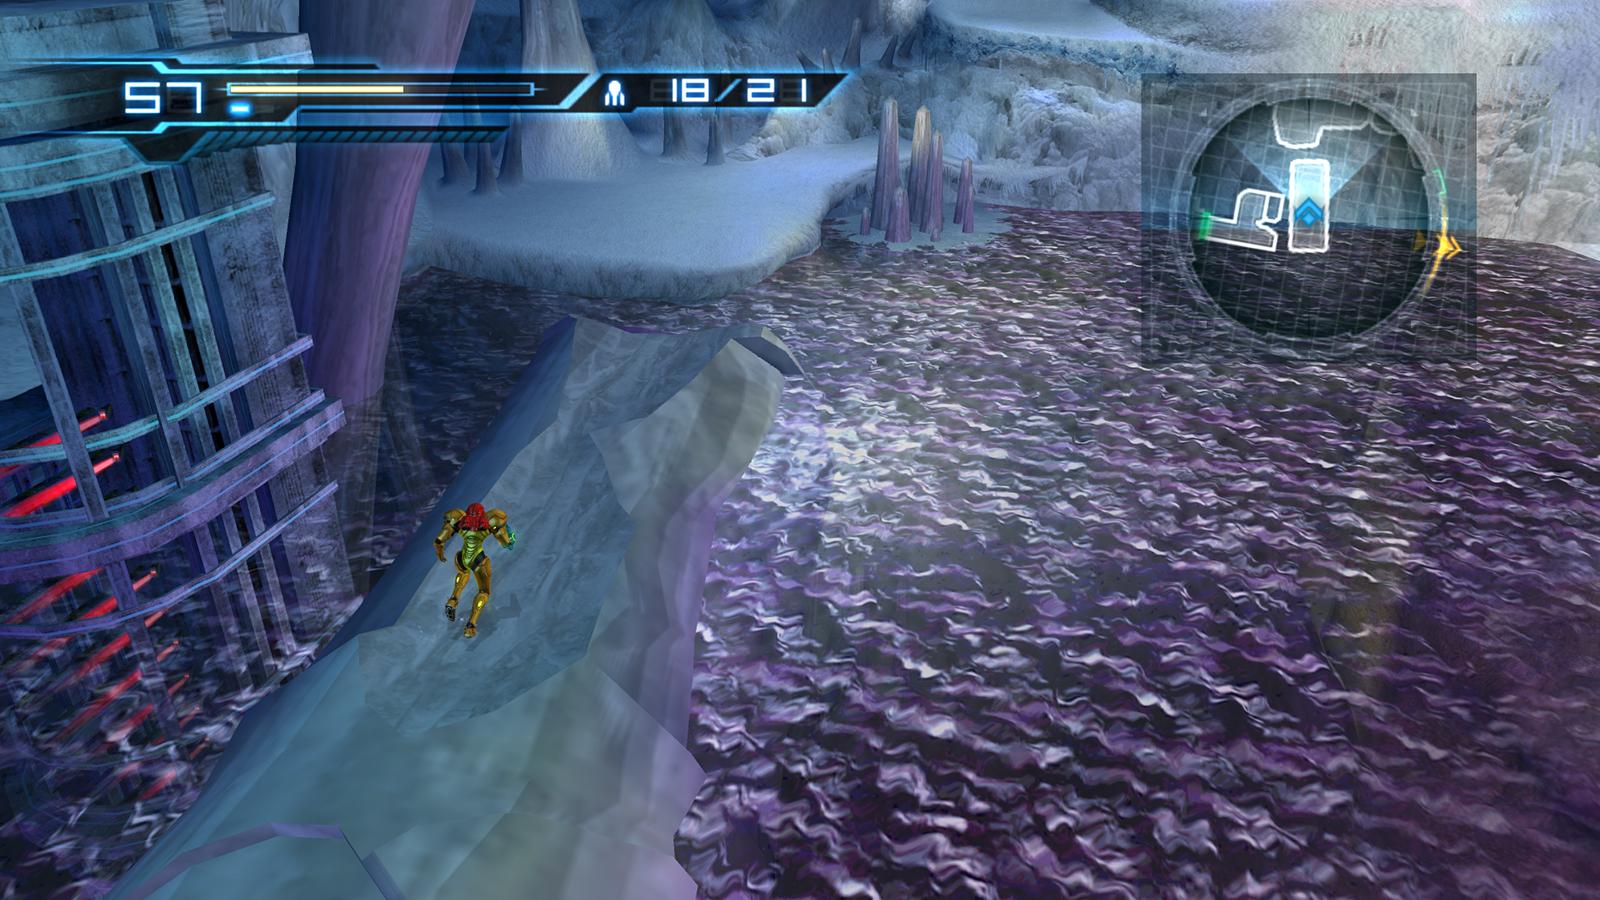 Vast ice cavern